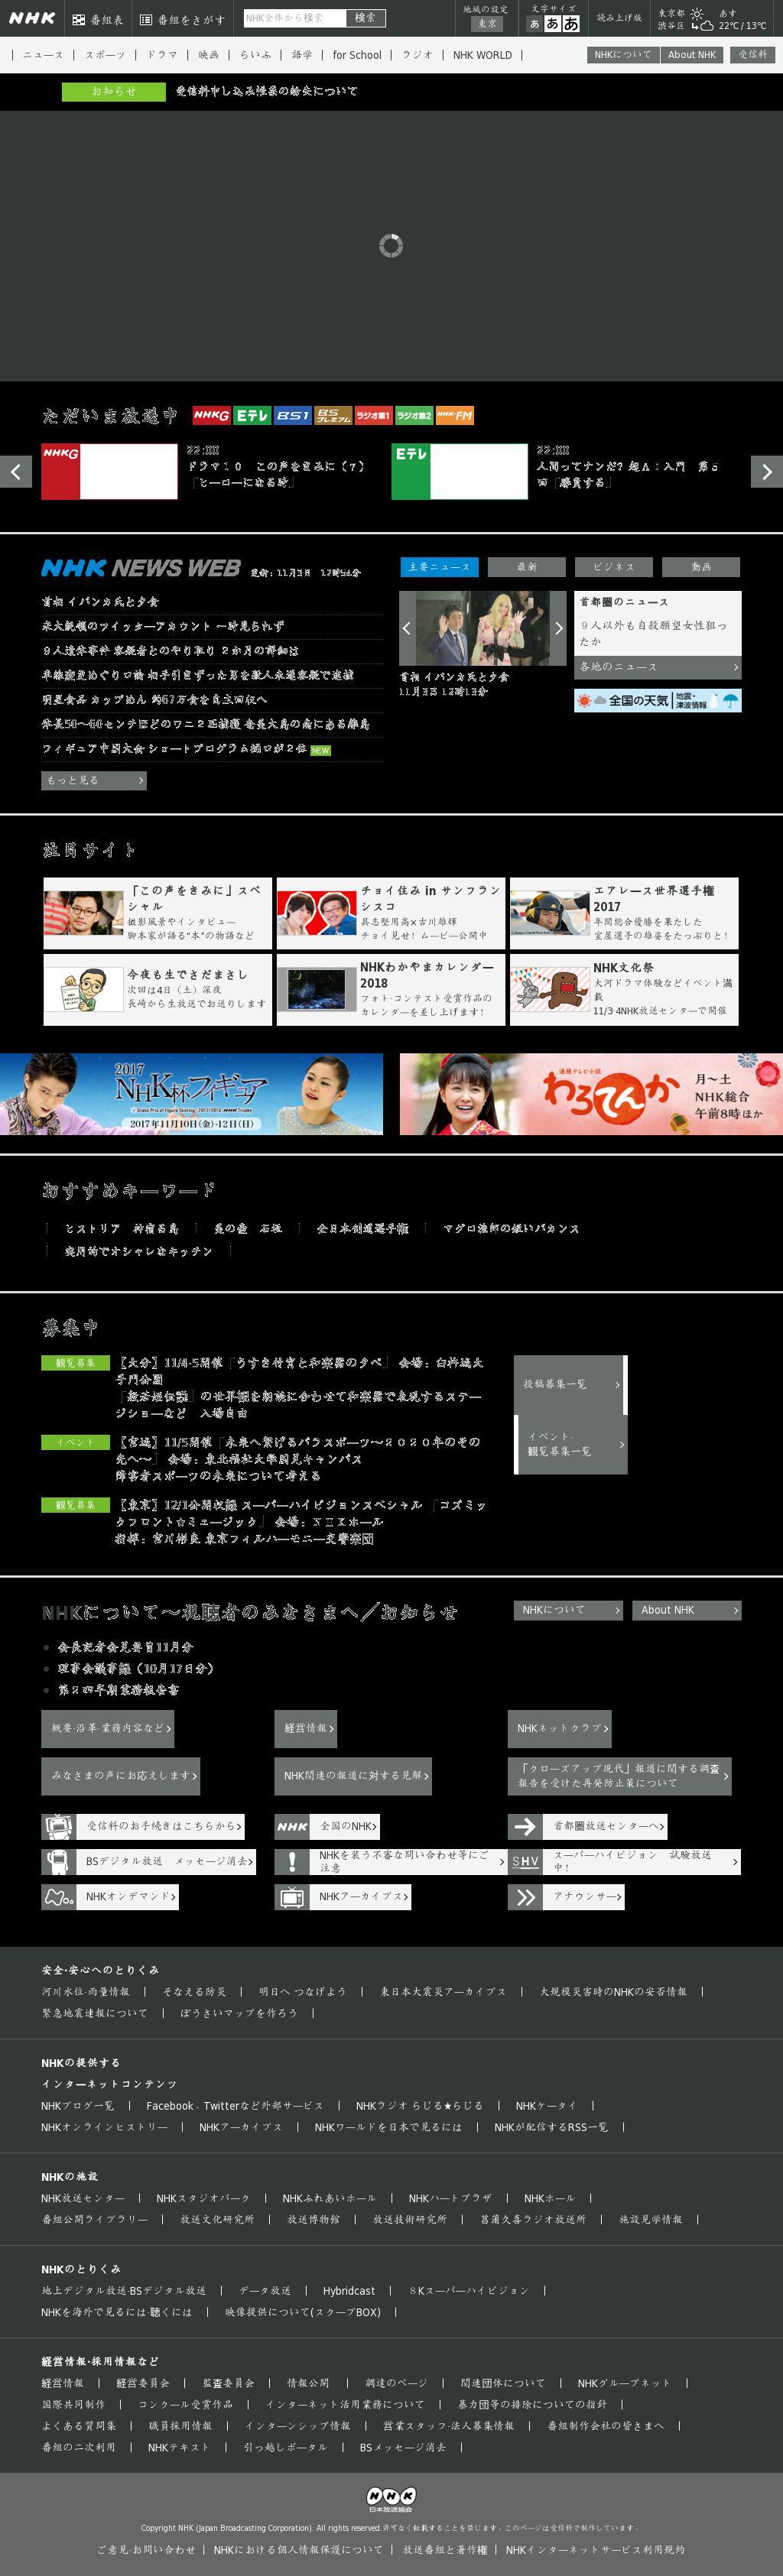 NHK Online at Friday Nov. 3, 2017, 1:14 p.m. UTC